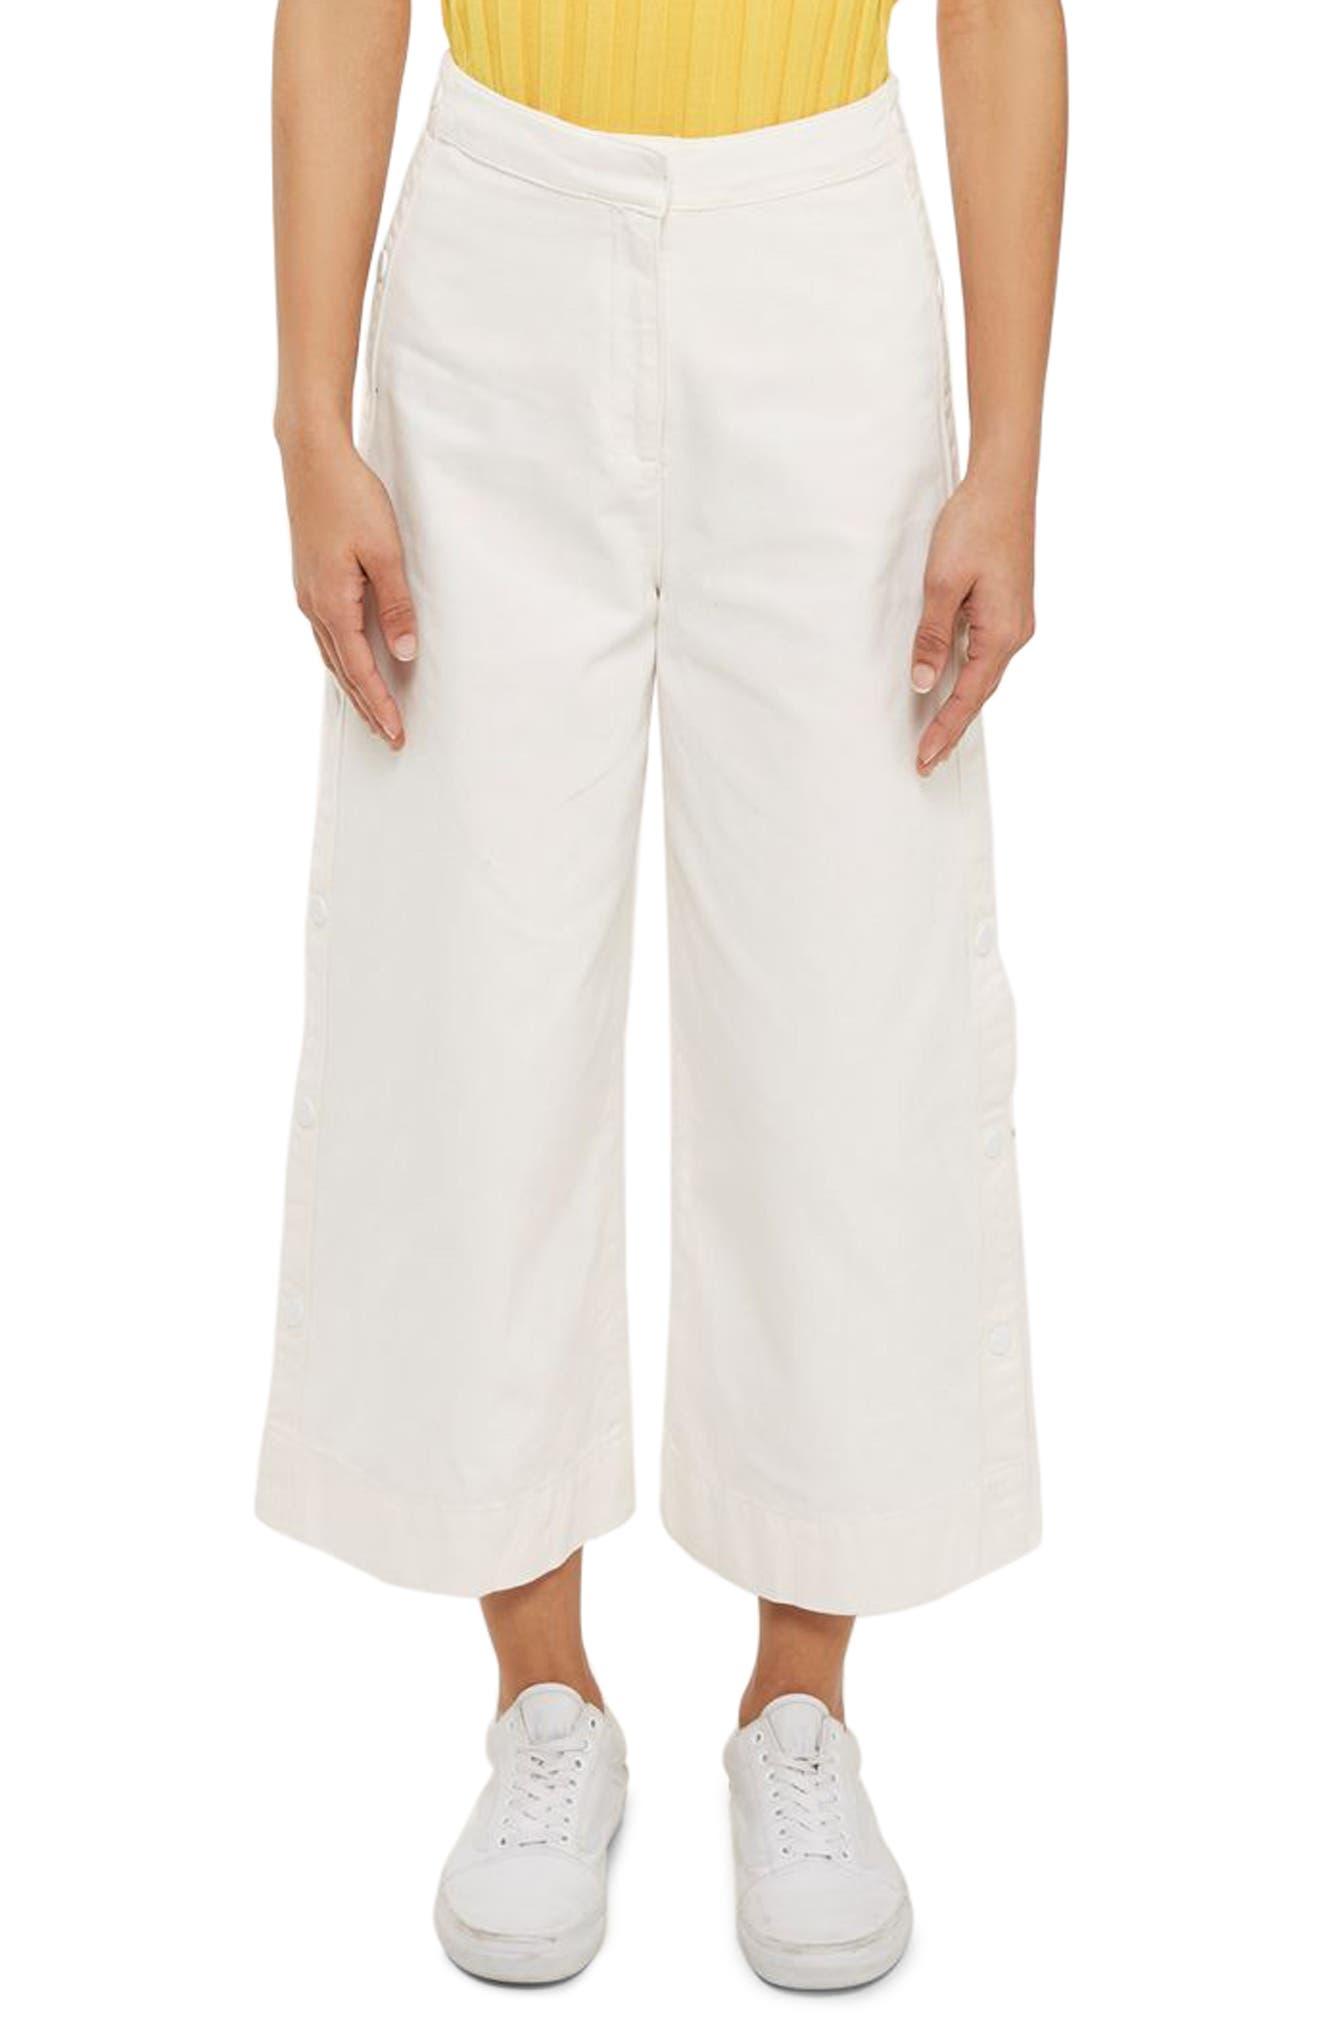 Topshop Boutique Side Snap Detail Crop Flare Leg Jeans